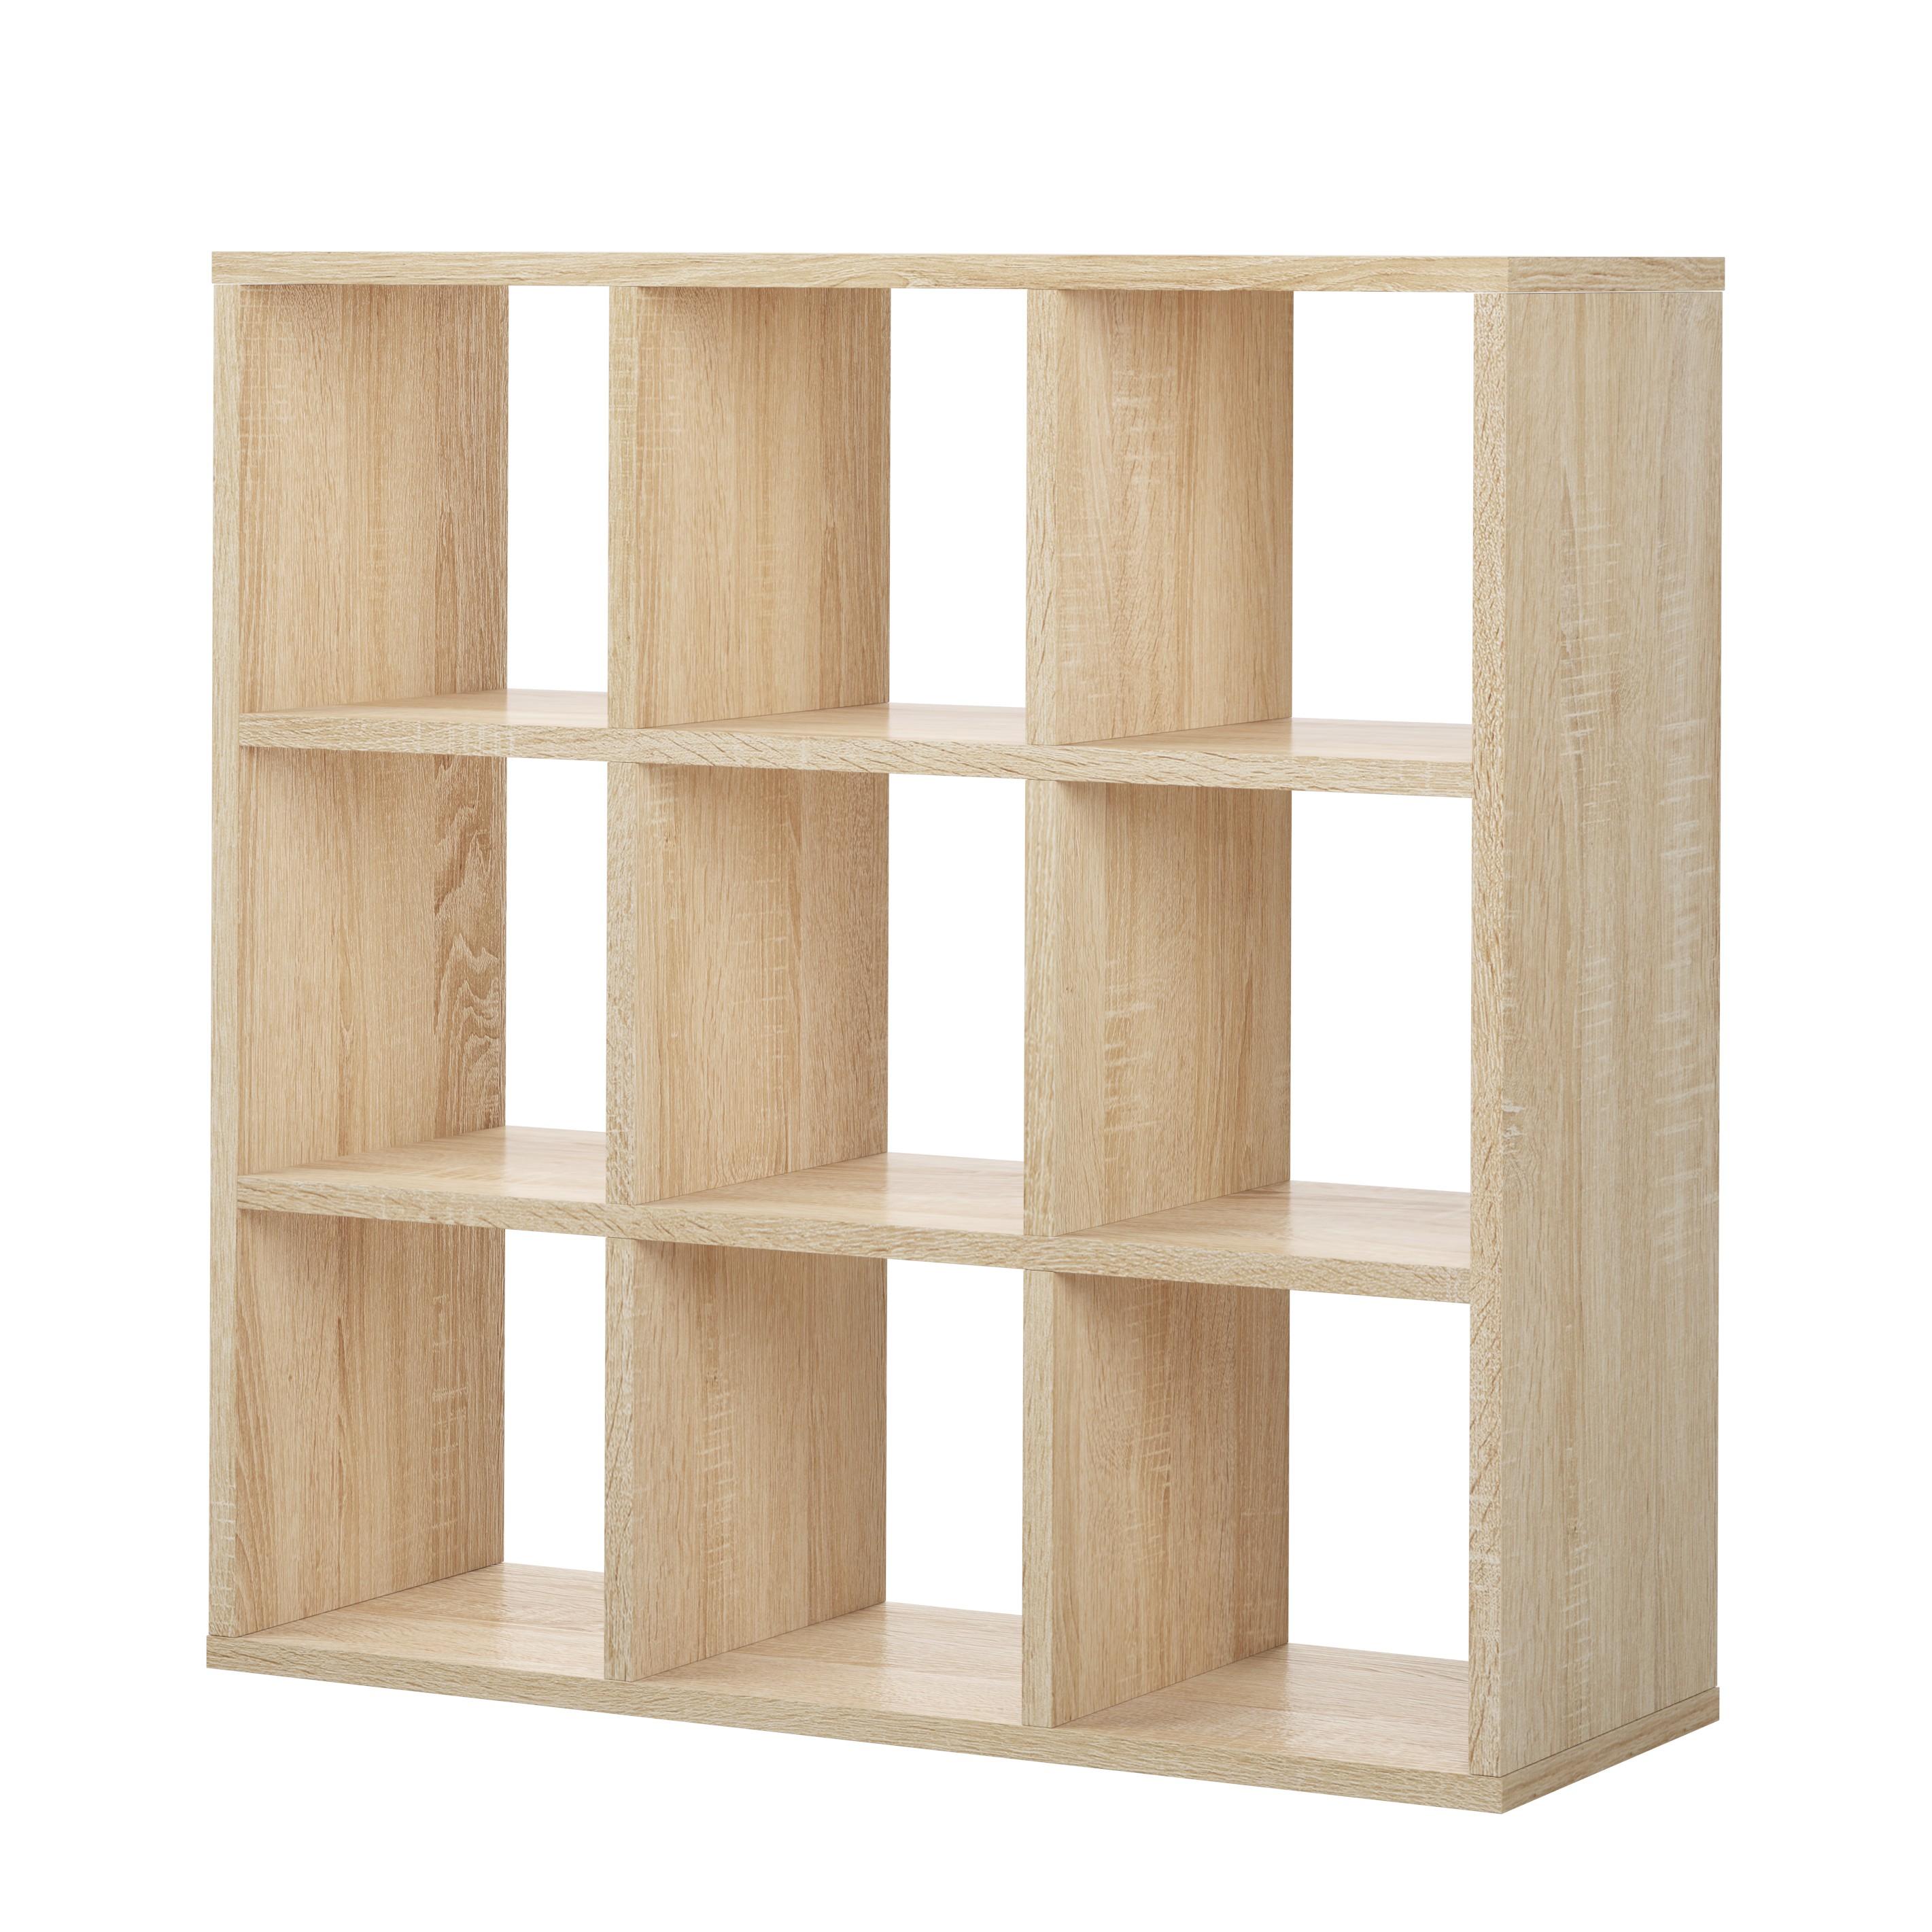 Home24 Meubels - Open kasten planken - Pagina 22 van 57